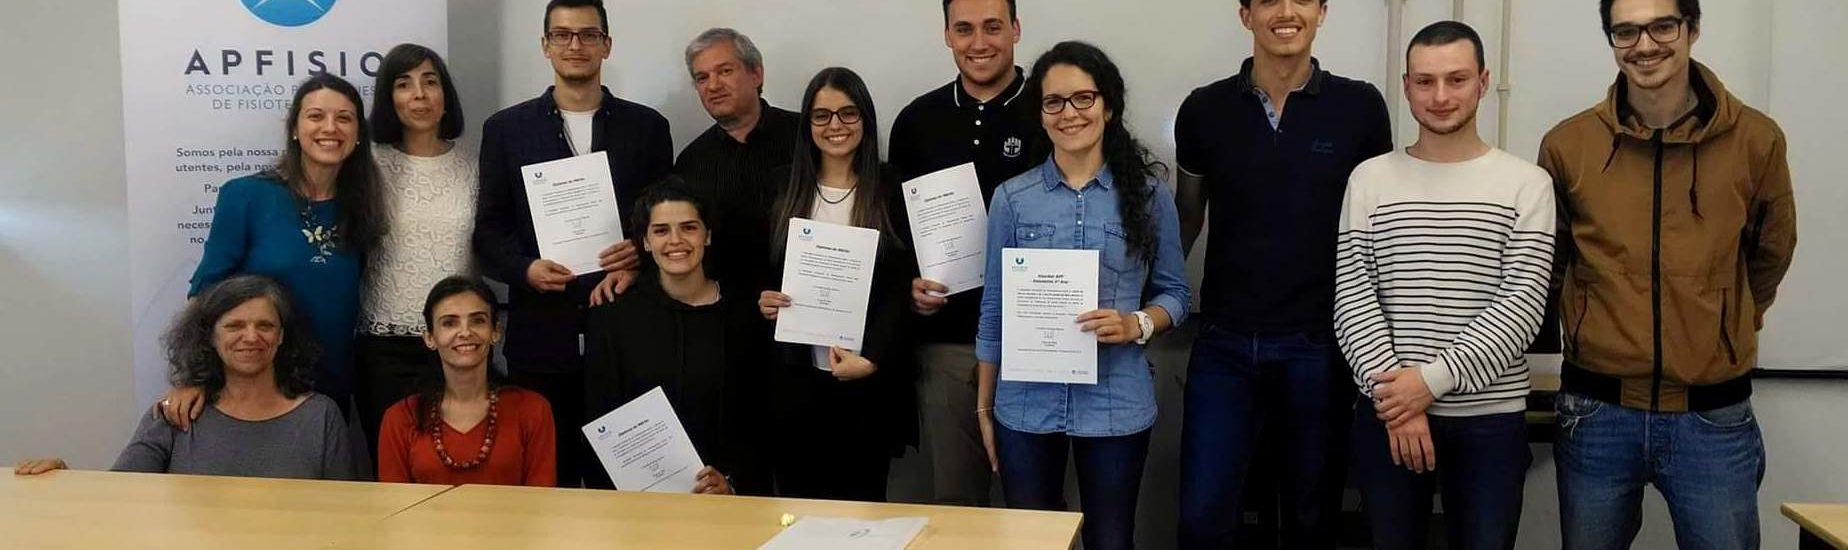 APFISIO reconhece o mérito académico dos alunos da ESSUA